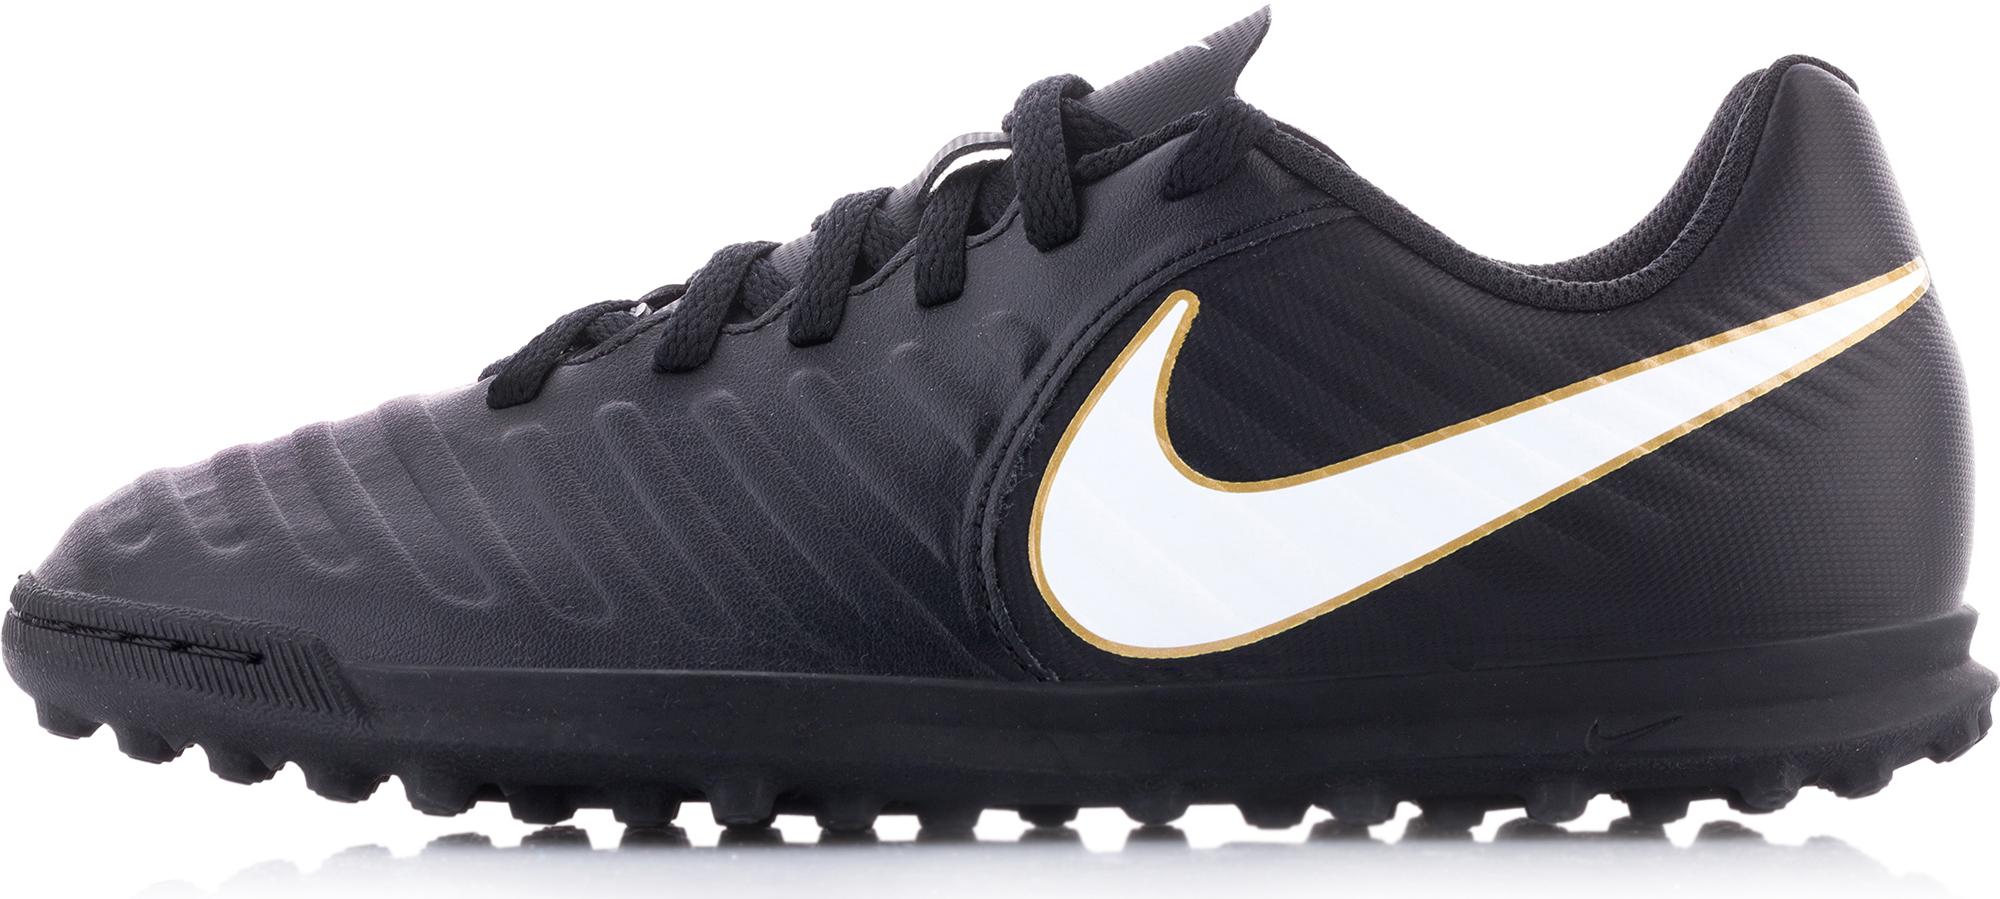 Nike Бутсы для мальчиков Nike TiempoX Rio IV TF nike бутсы для мальчиков nike bombax tf